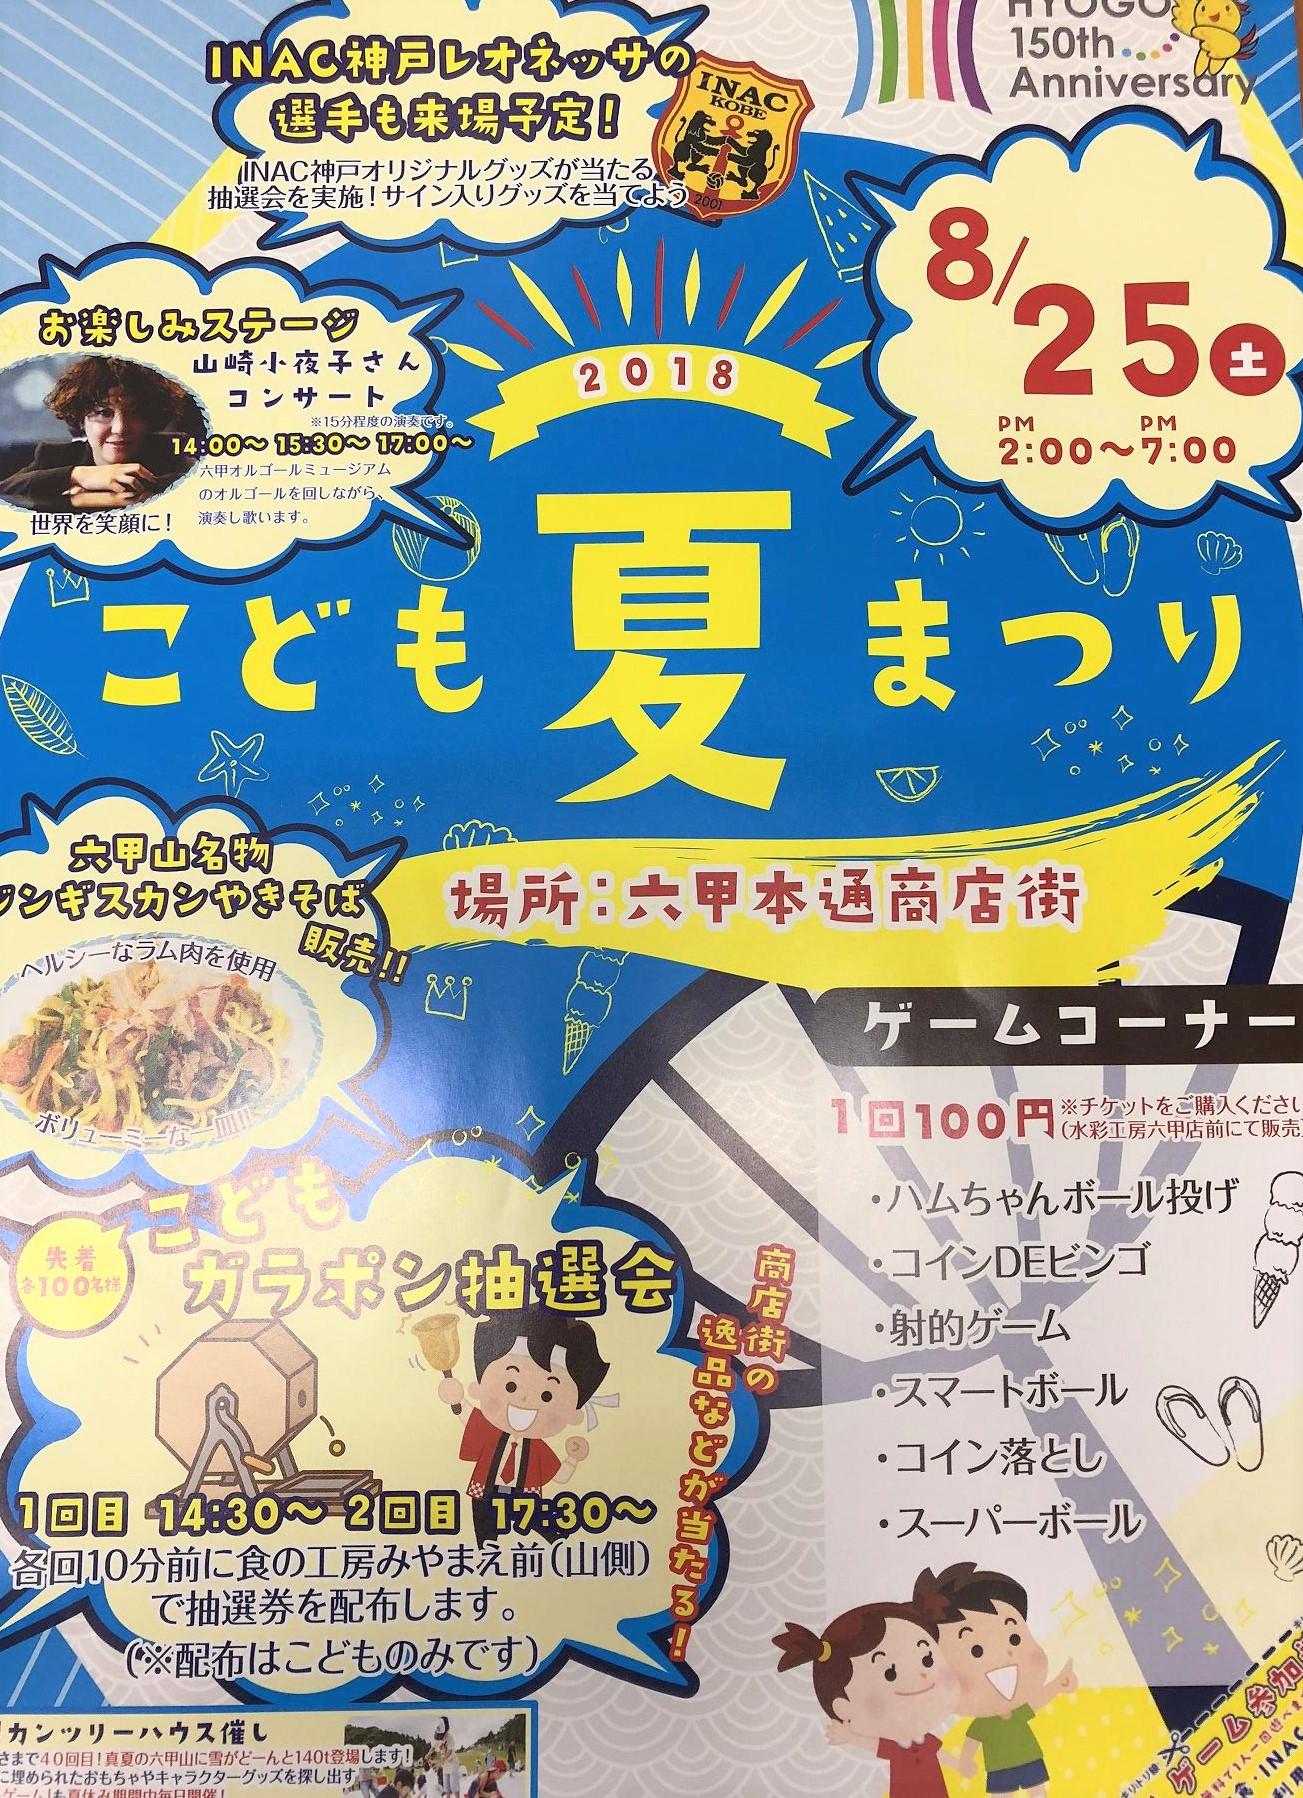 神戸・六甲本通商店街で「こども夏まつり」が8/25(土)に開催されるよ! #夏祭り #六甲本通商店街 #こども夏まつり #INAC神戸レオネッサ #灘区